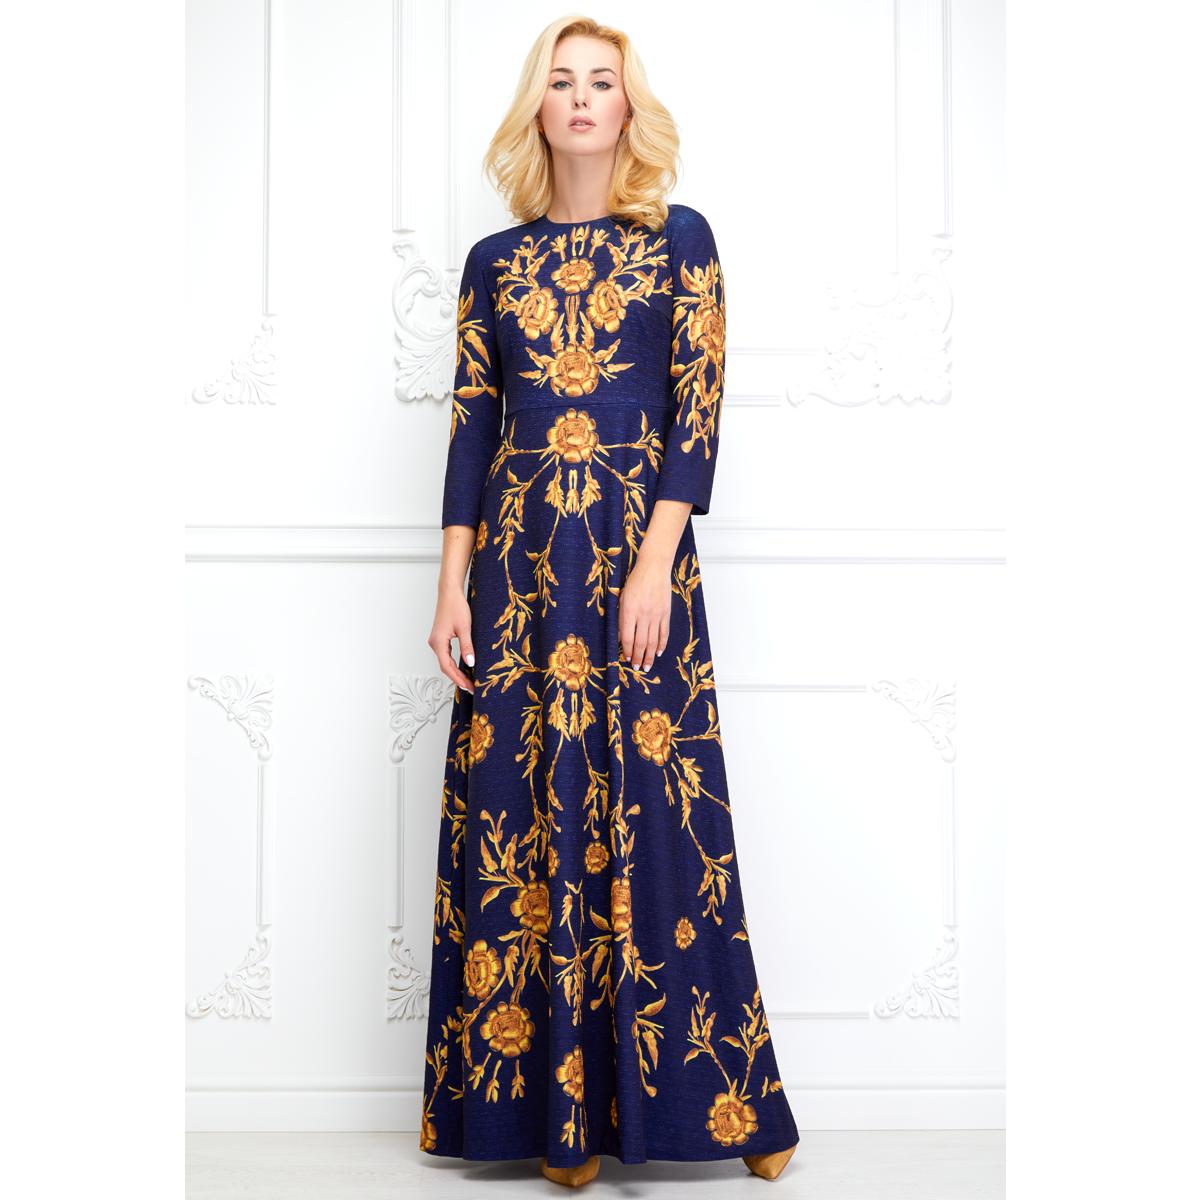 a5ef81e3c2f Фаберлик ✿ Вечернее платье из фактурного жаккарда с орнаментом ...